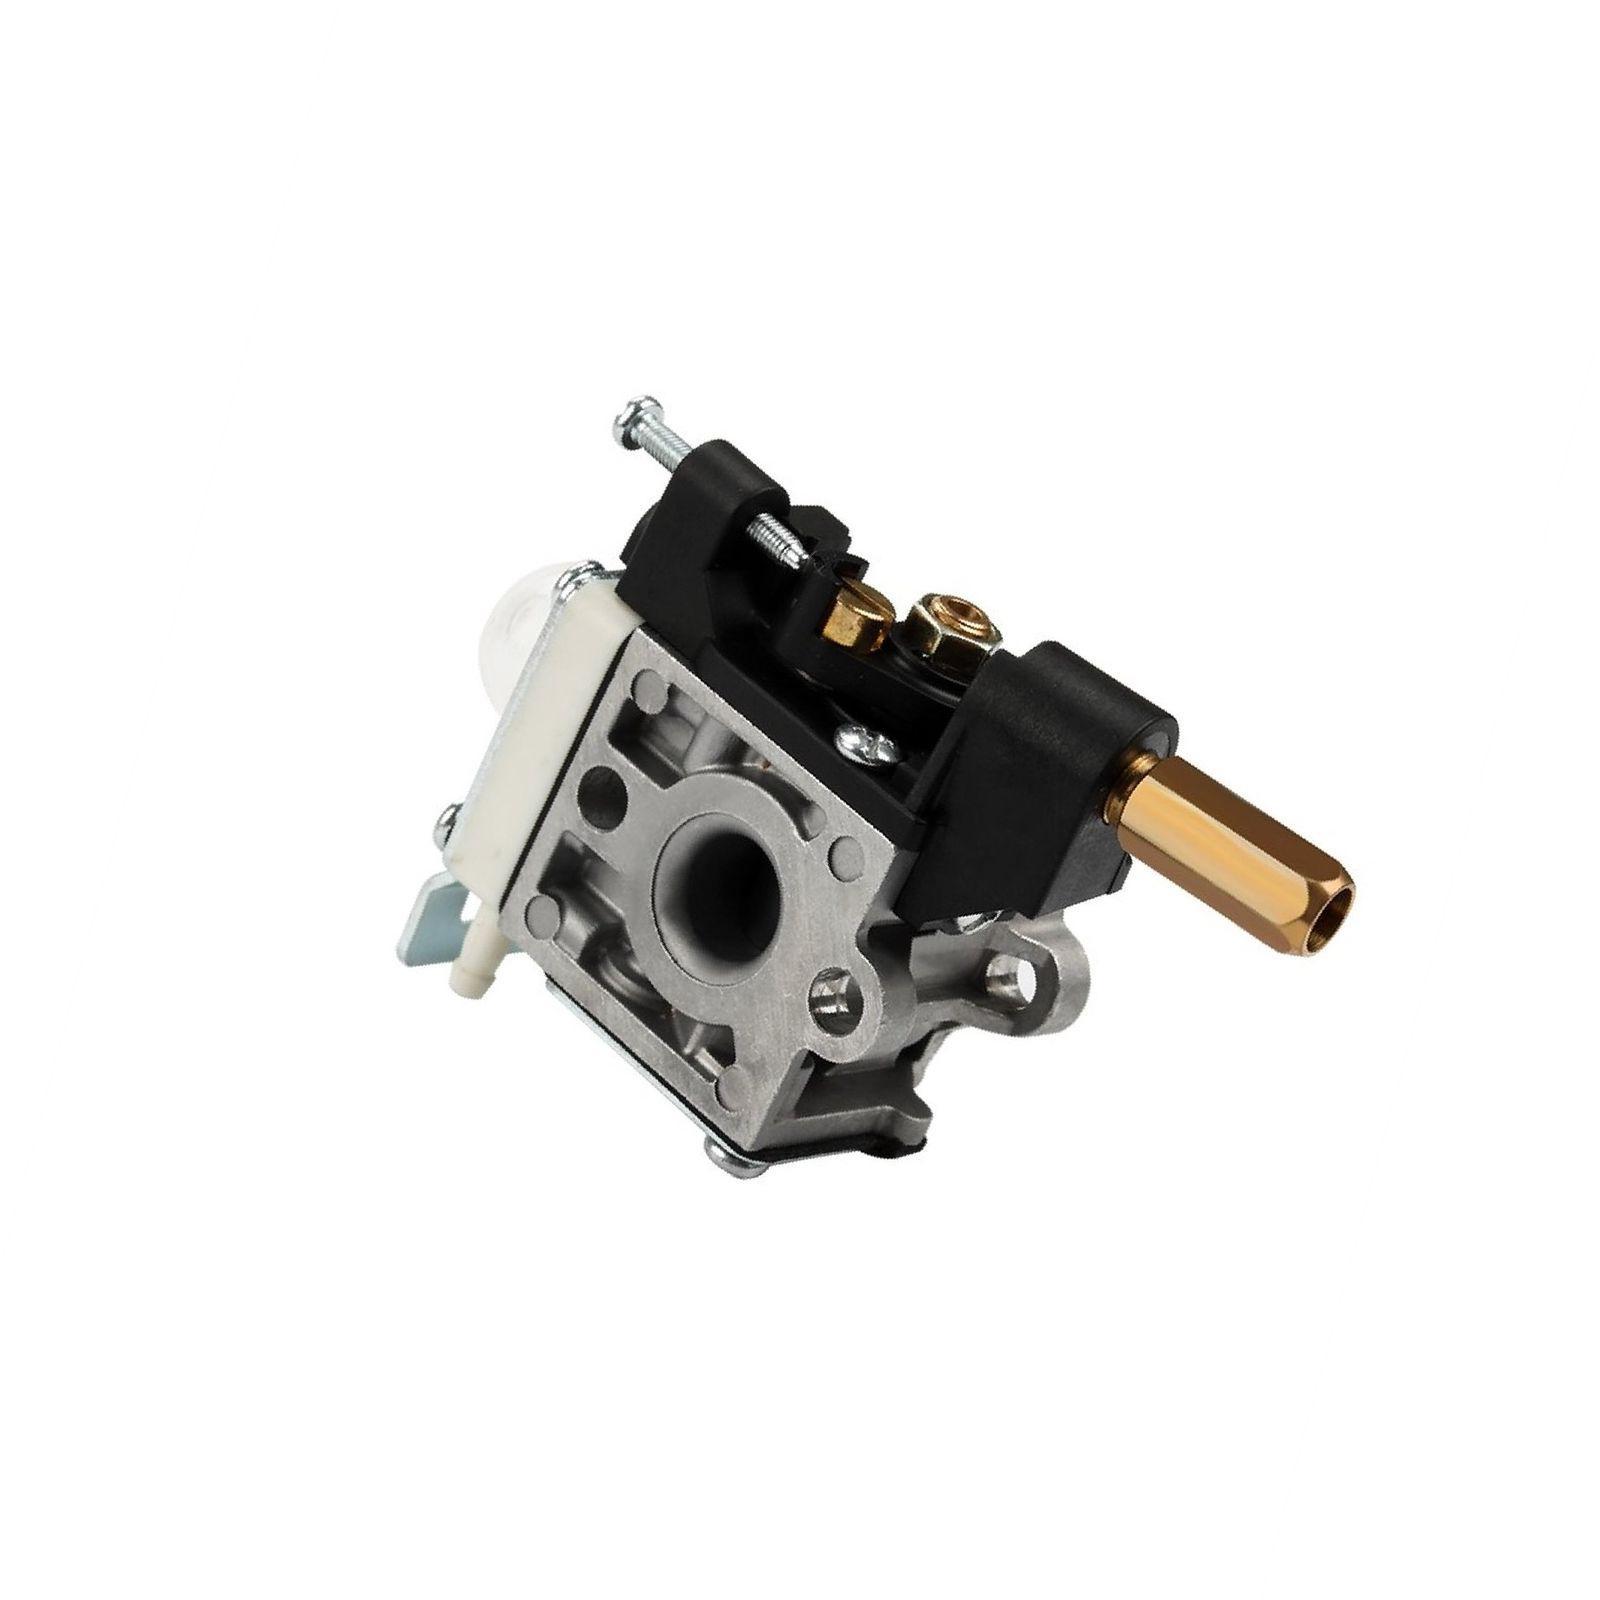 Dalom SRM 210 Echo Weedeater Fuel Primer trimmer